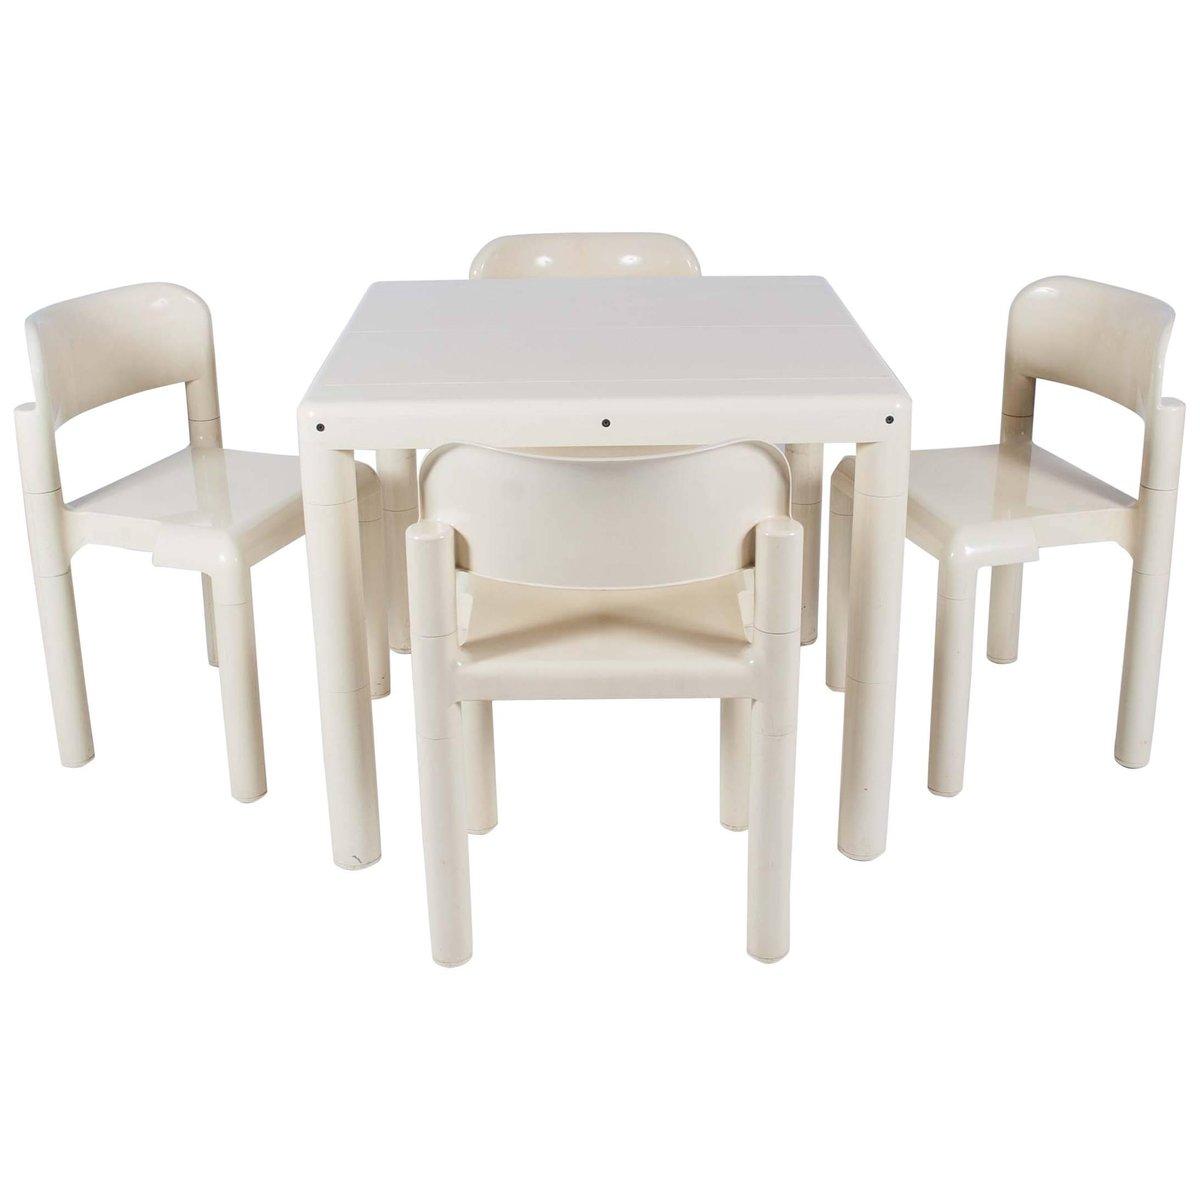 Esstisch & 4 Stühle von Eero Aarnio für UPO, 1970er